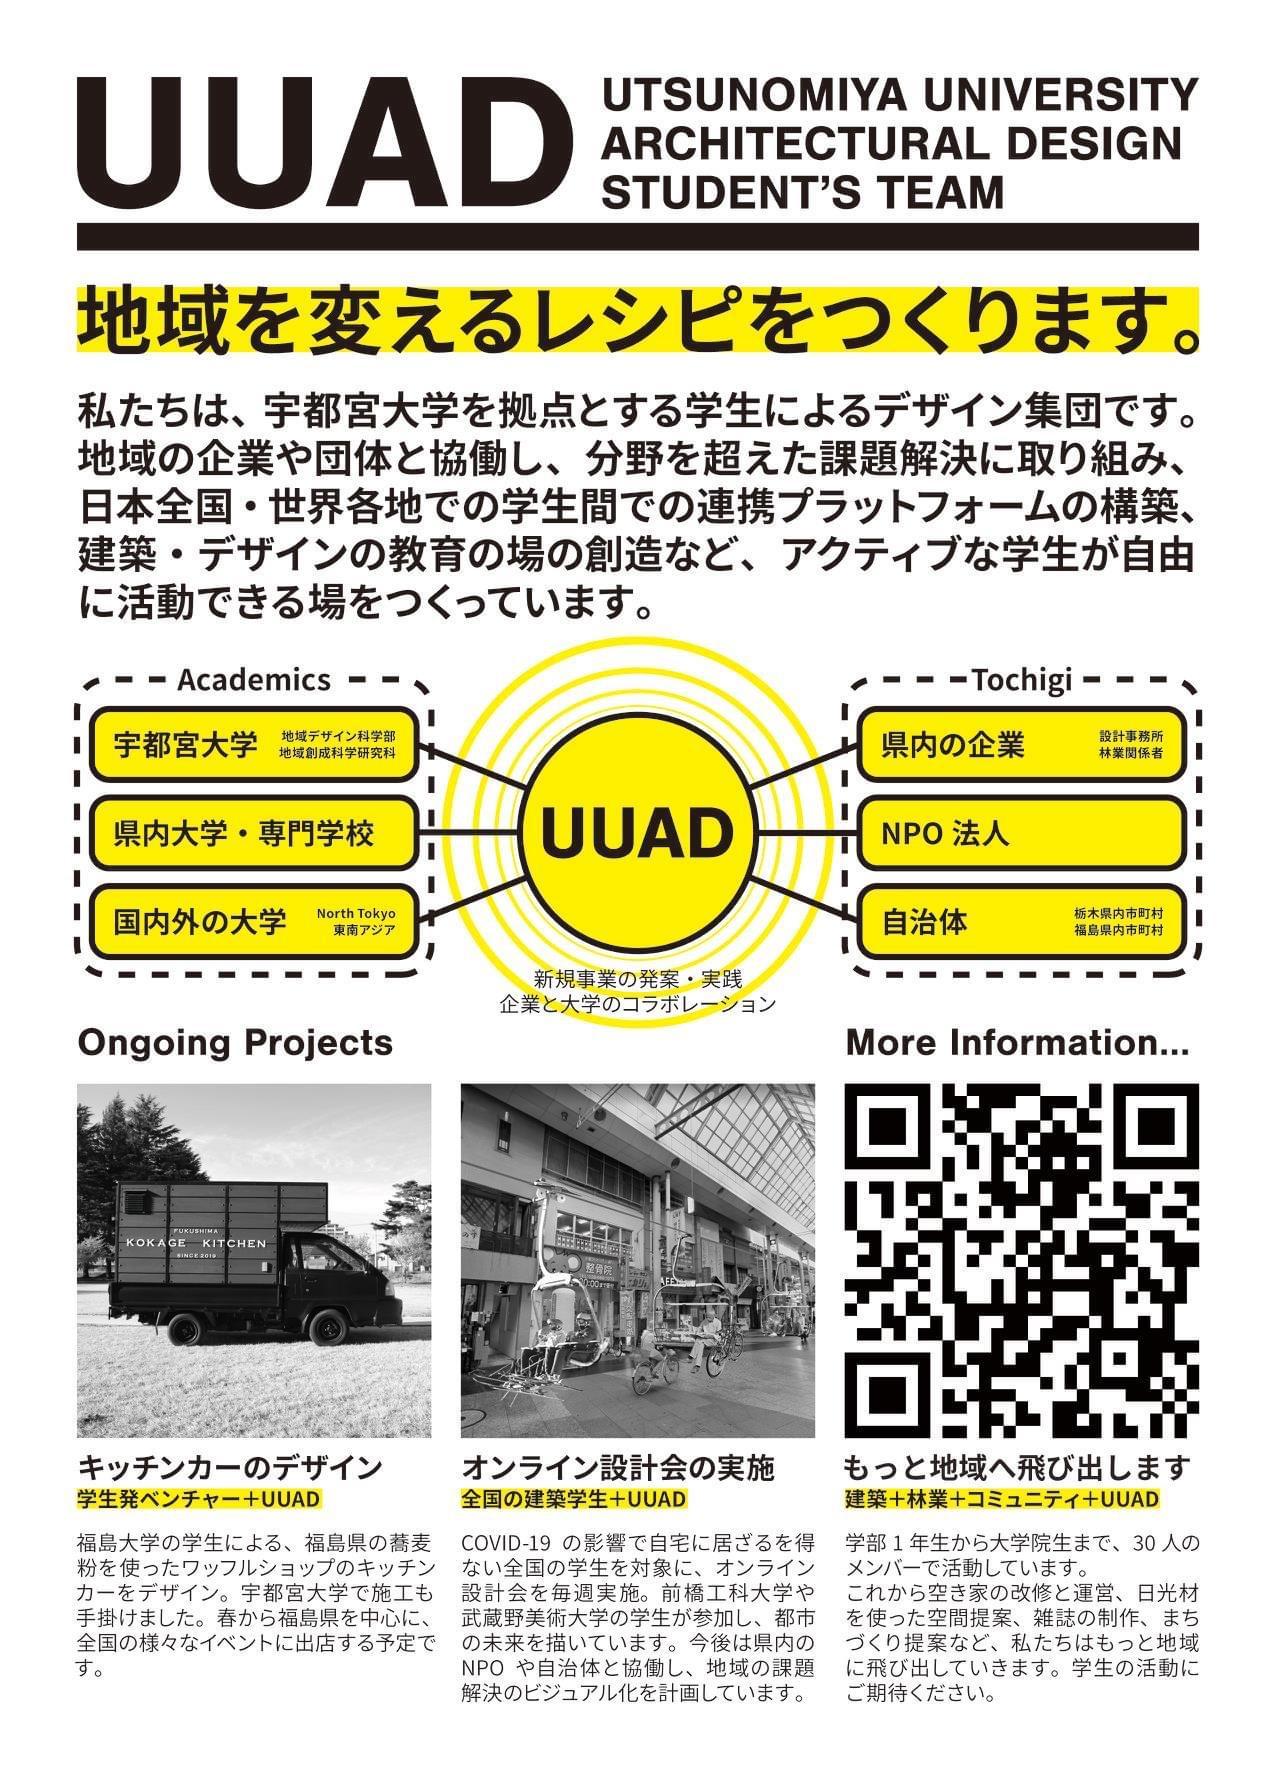 宇都宮大学建築デザイン学生ネットワークUUADのビラ